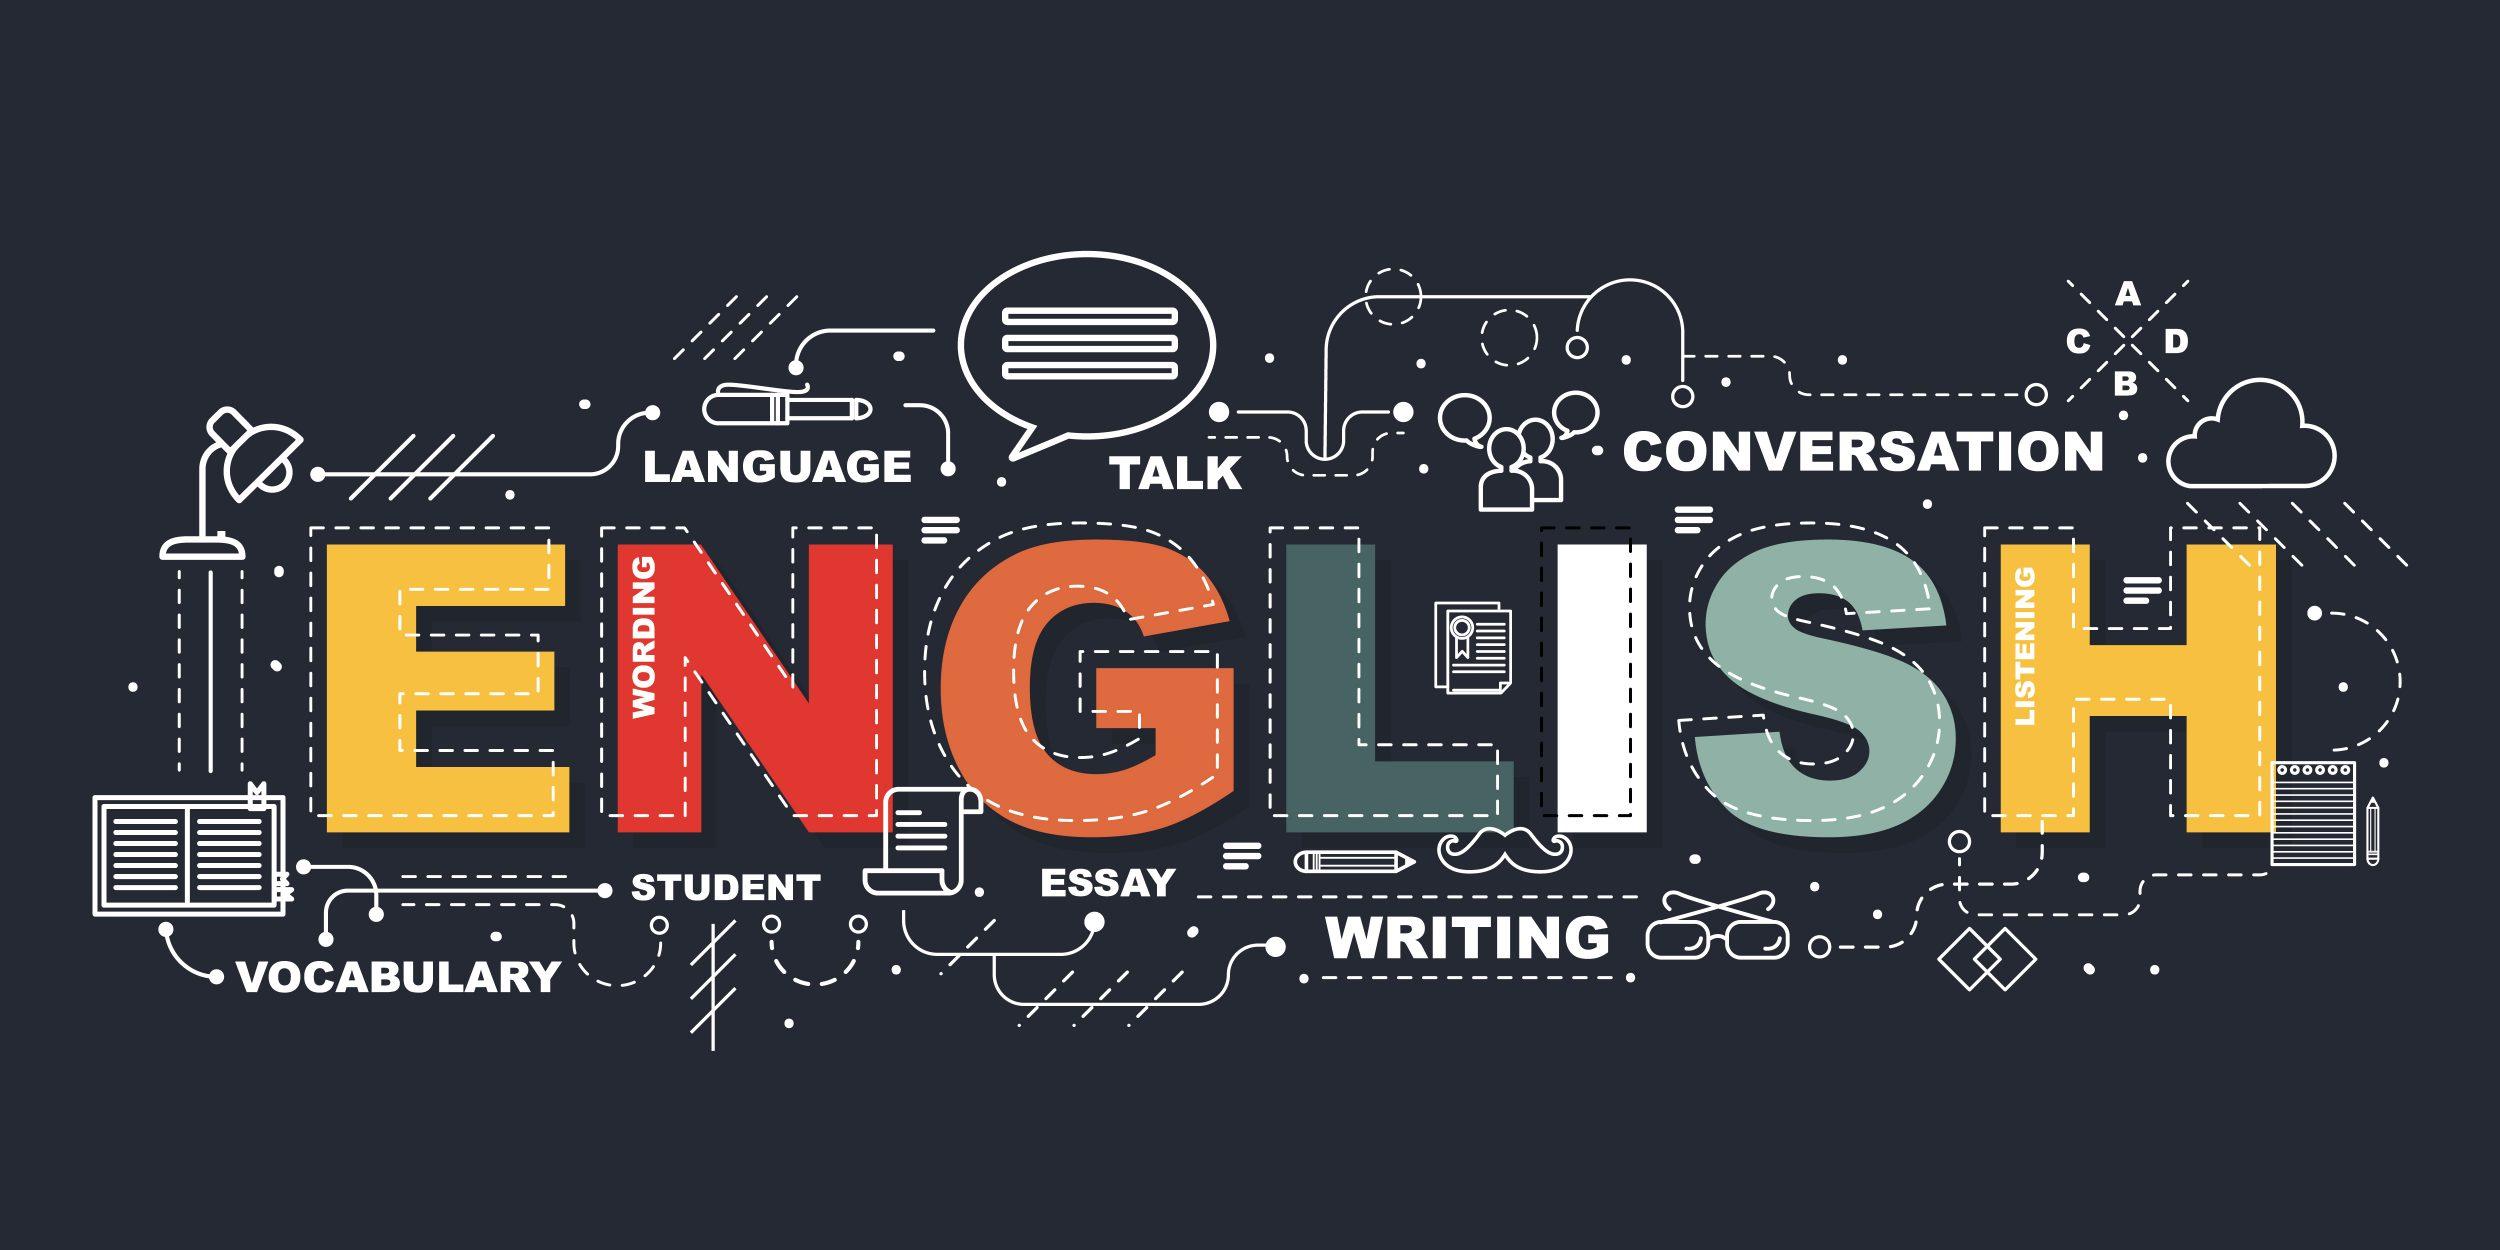 hình minh họa tiếng Anh và các kĩ năng trong tiếng Anh